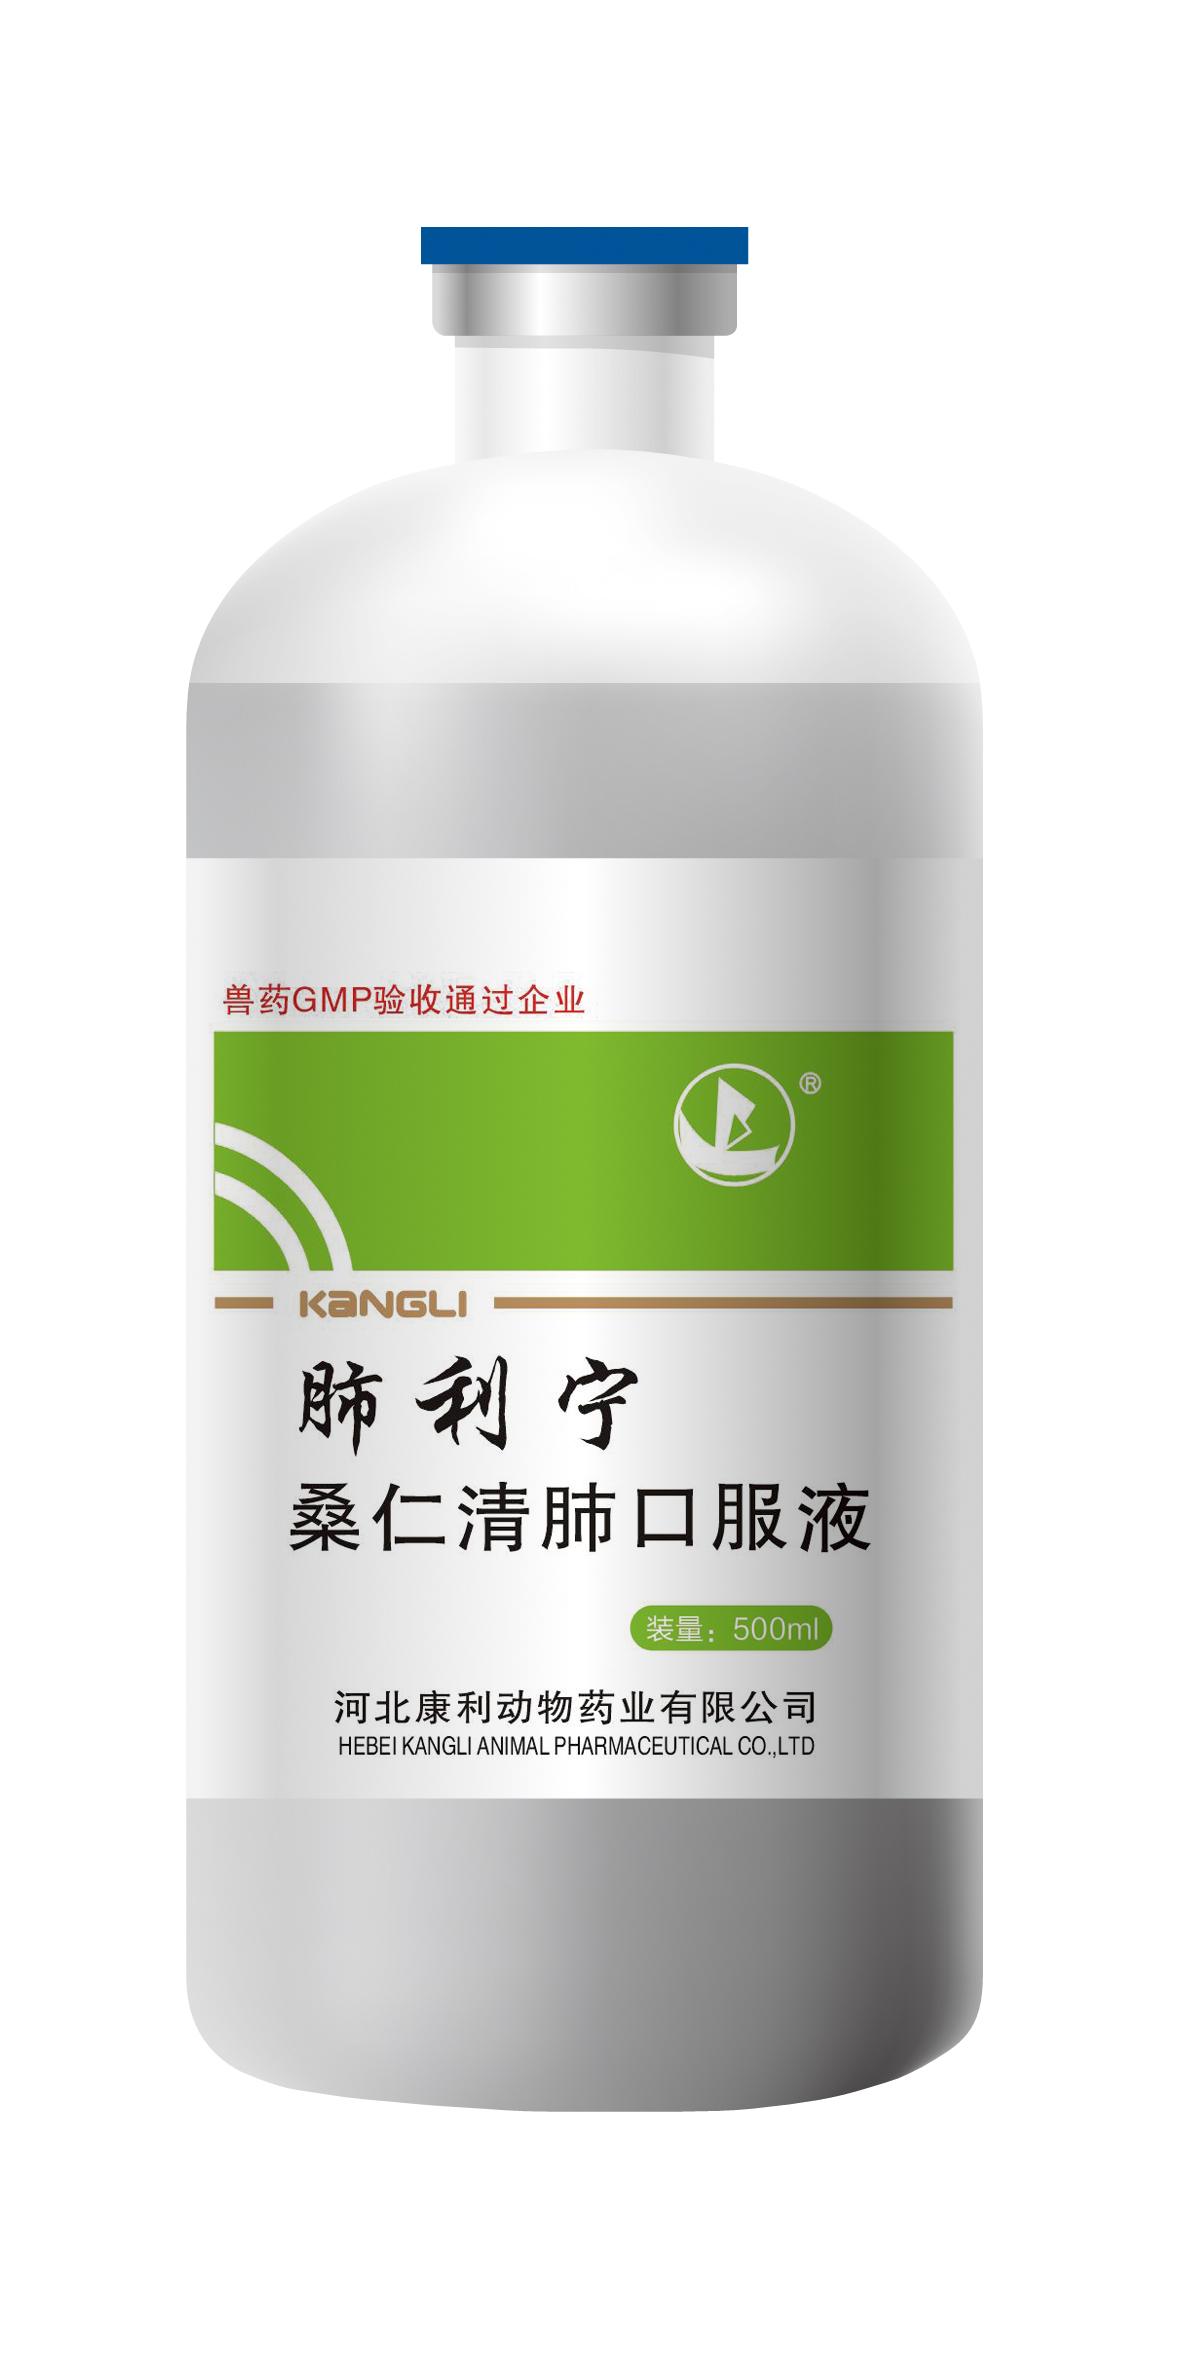 肺利宁-桑仁清肺口服液